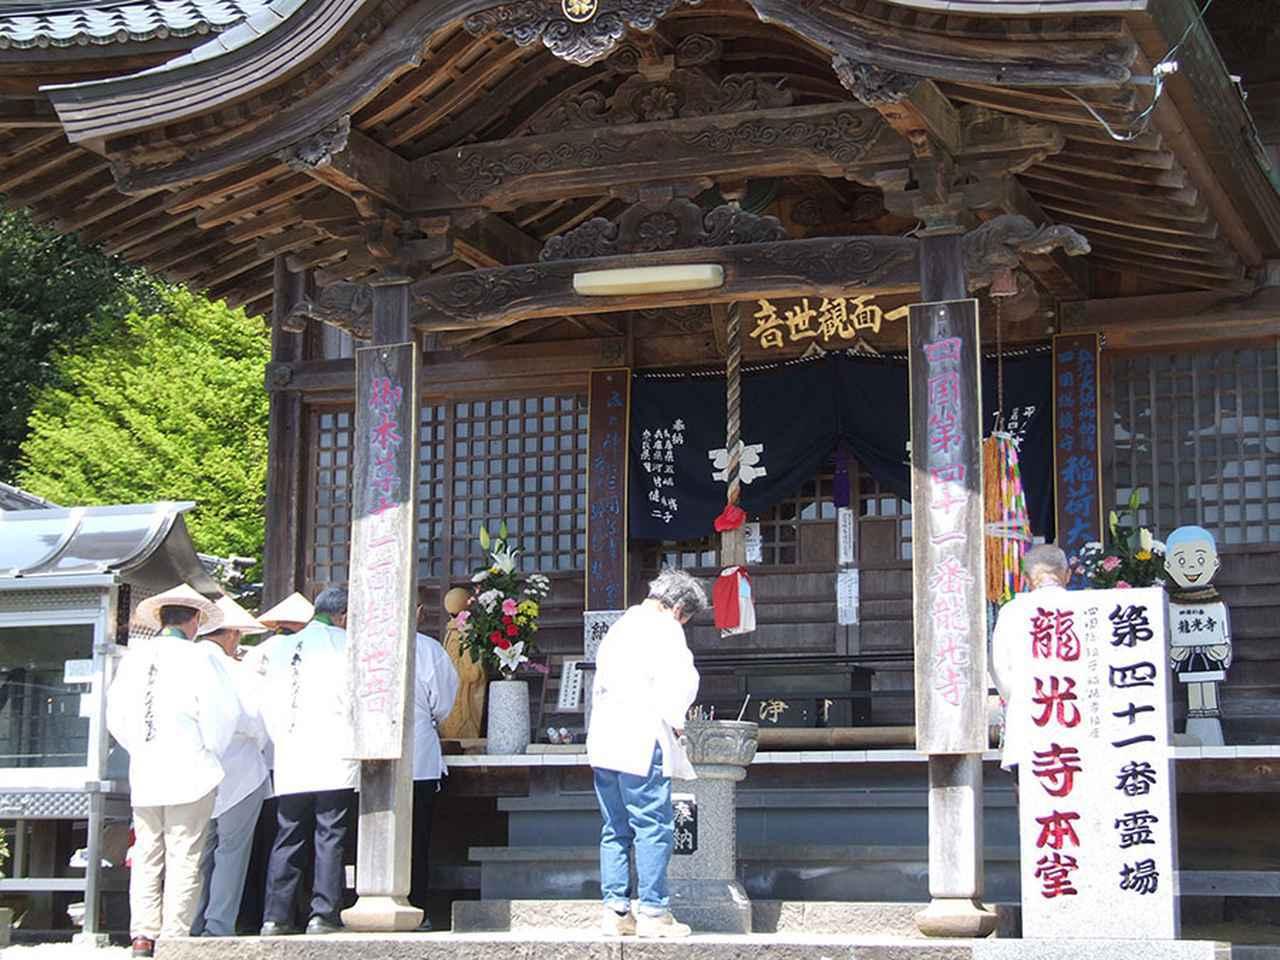 画像: 41番札所 龍光寺。四国霊場の総鎮守とされる龍光寺。境内には狐とお地蔵さんの石像が仲良く並ぶ。